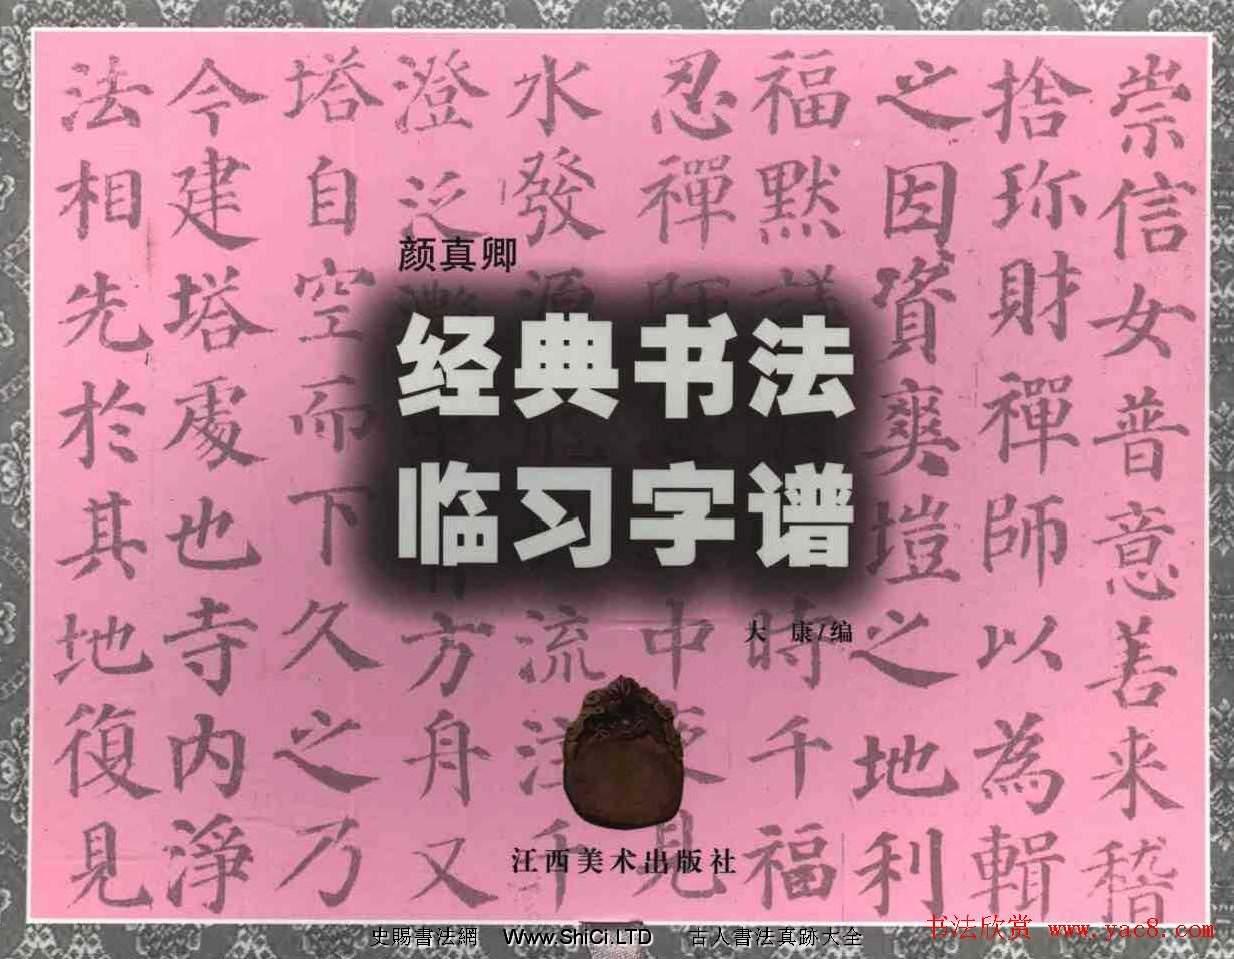 顏楷字帖真跡欣賞《顏真卿經典書法臨習字譜》(共30張圖片)